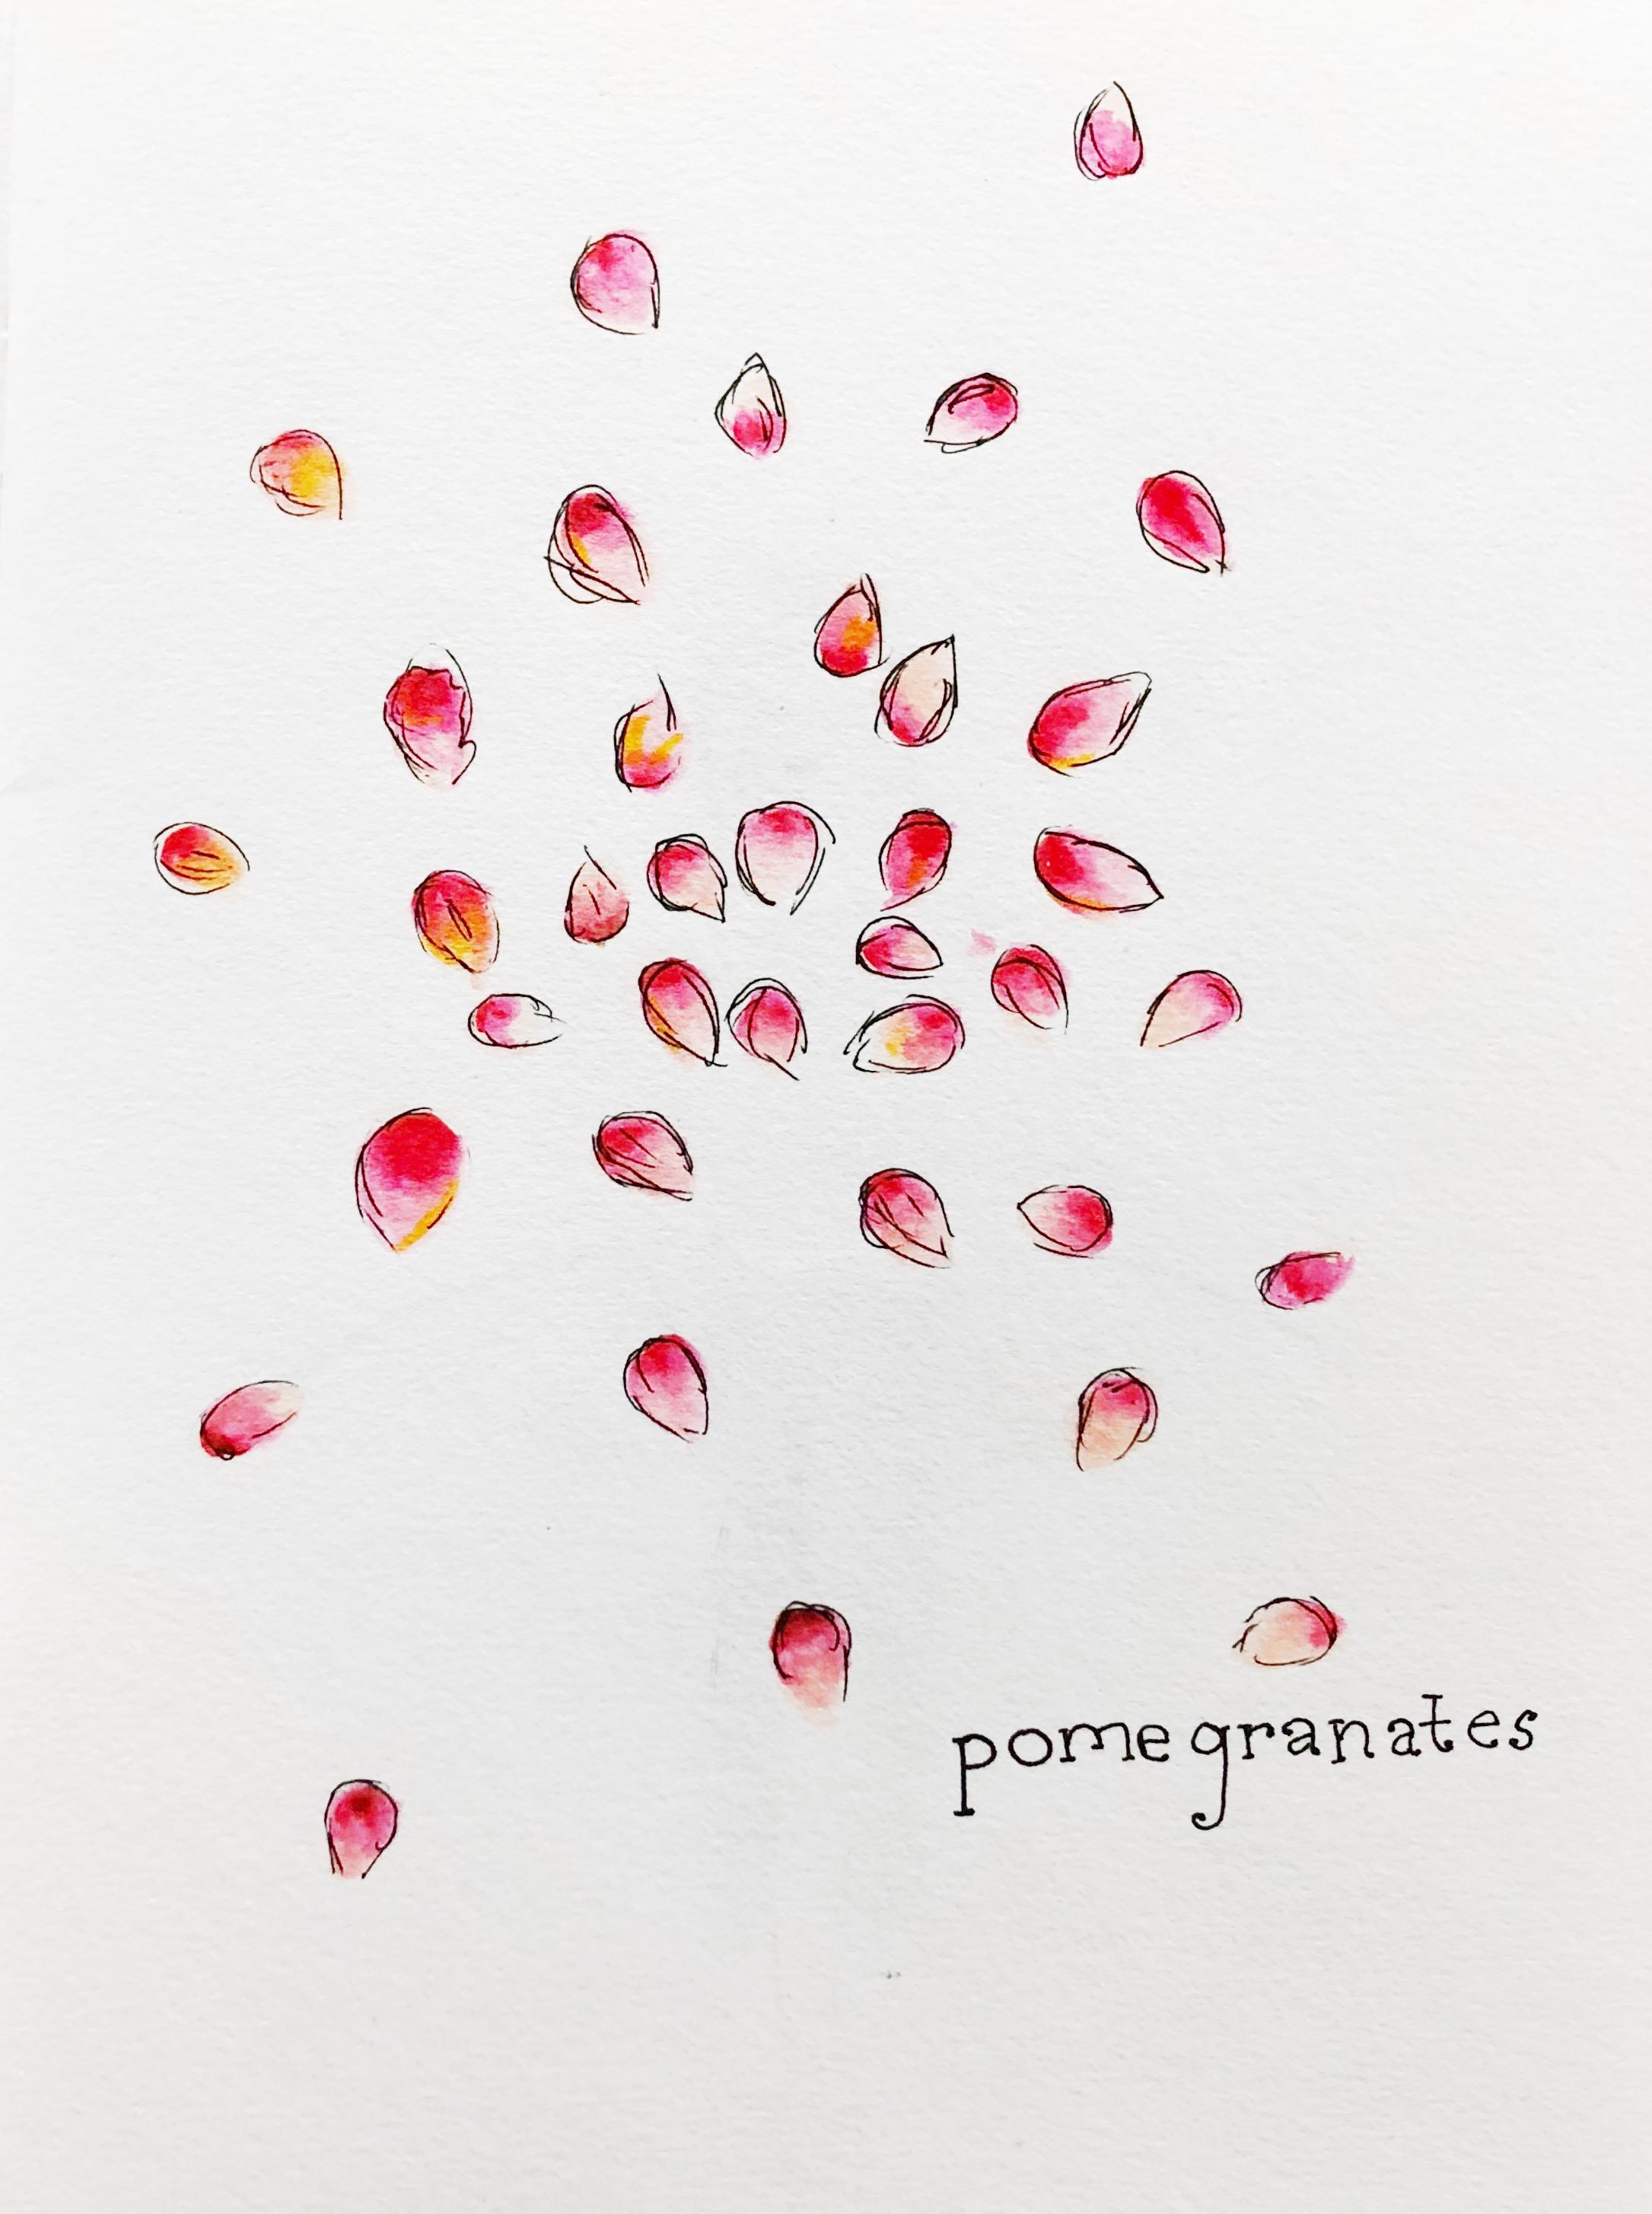 Pomegranates 1/100